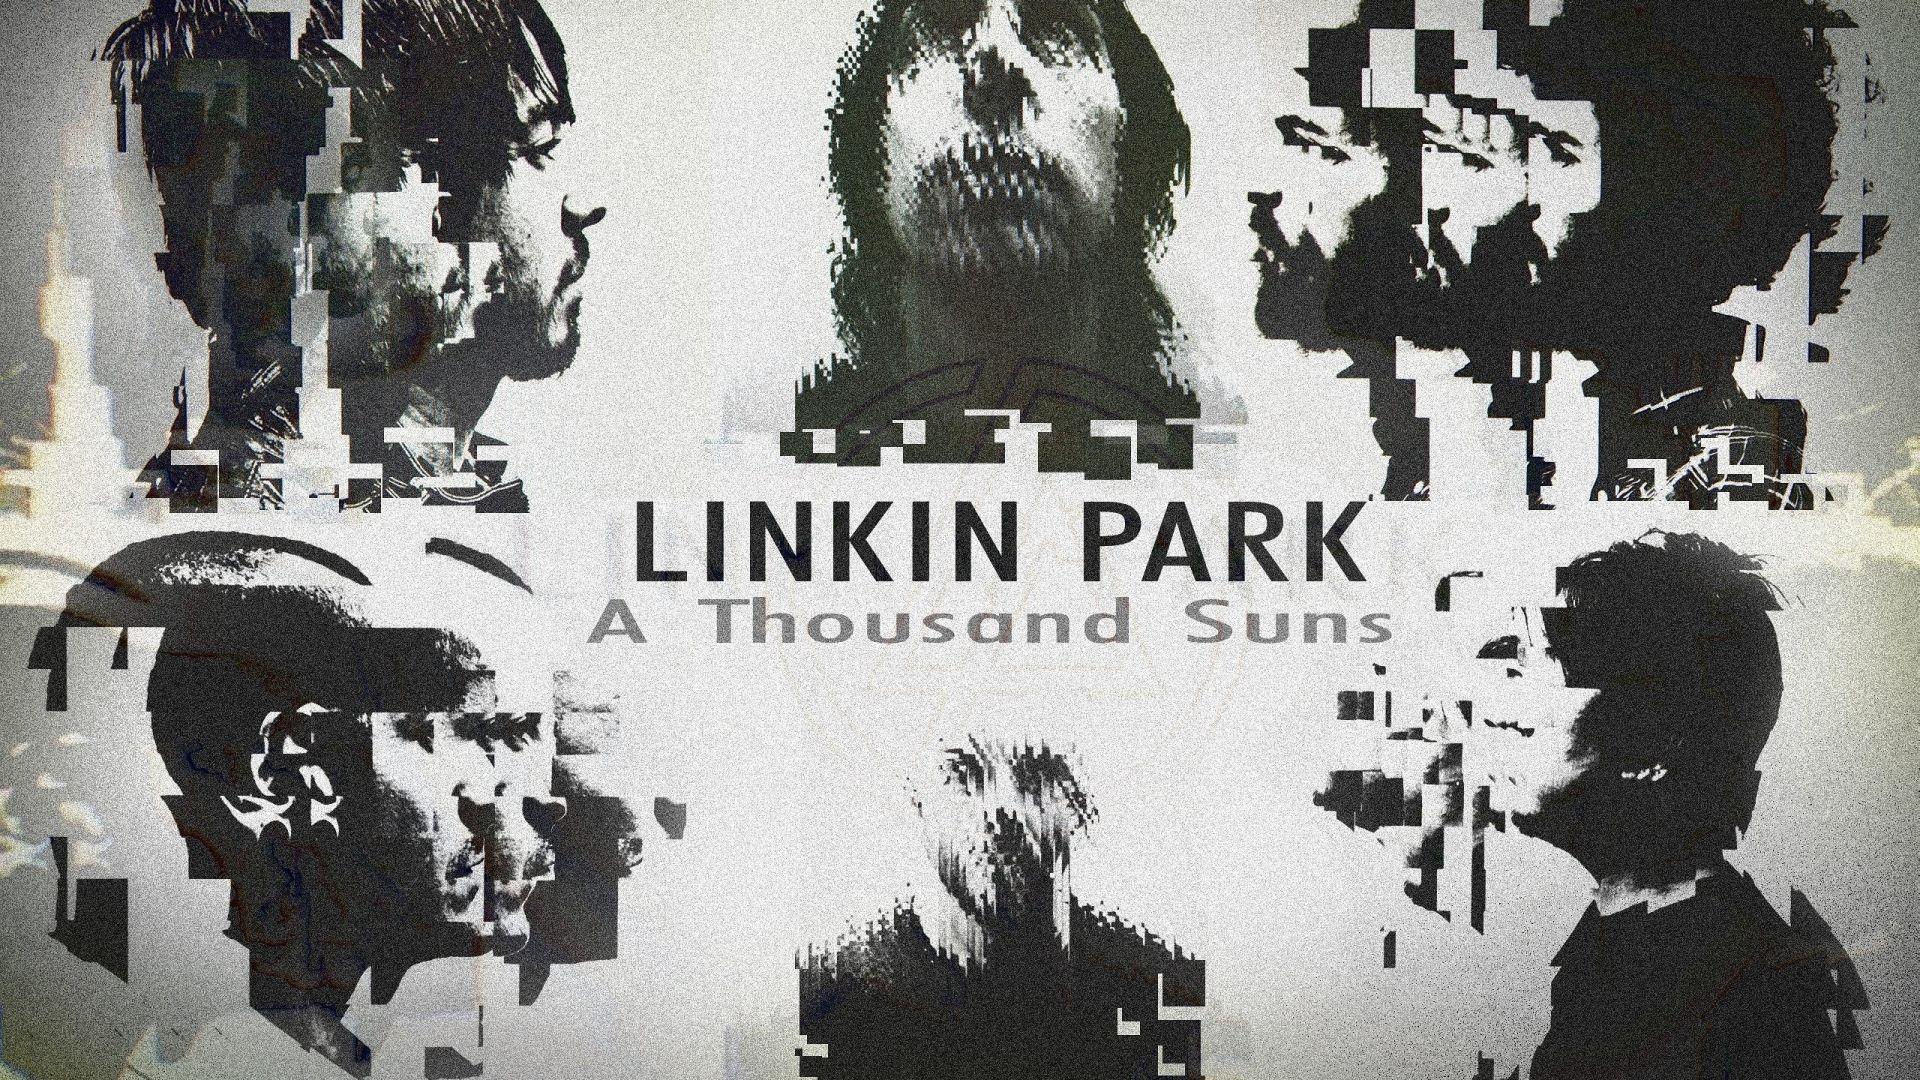 wallpaper Wallpaper Linkin Park